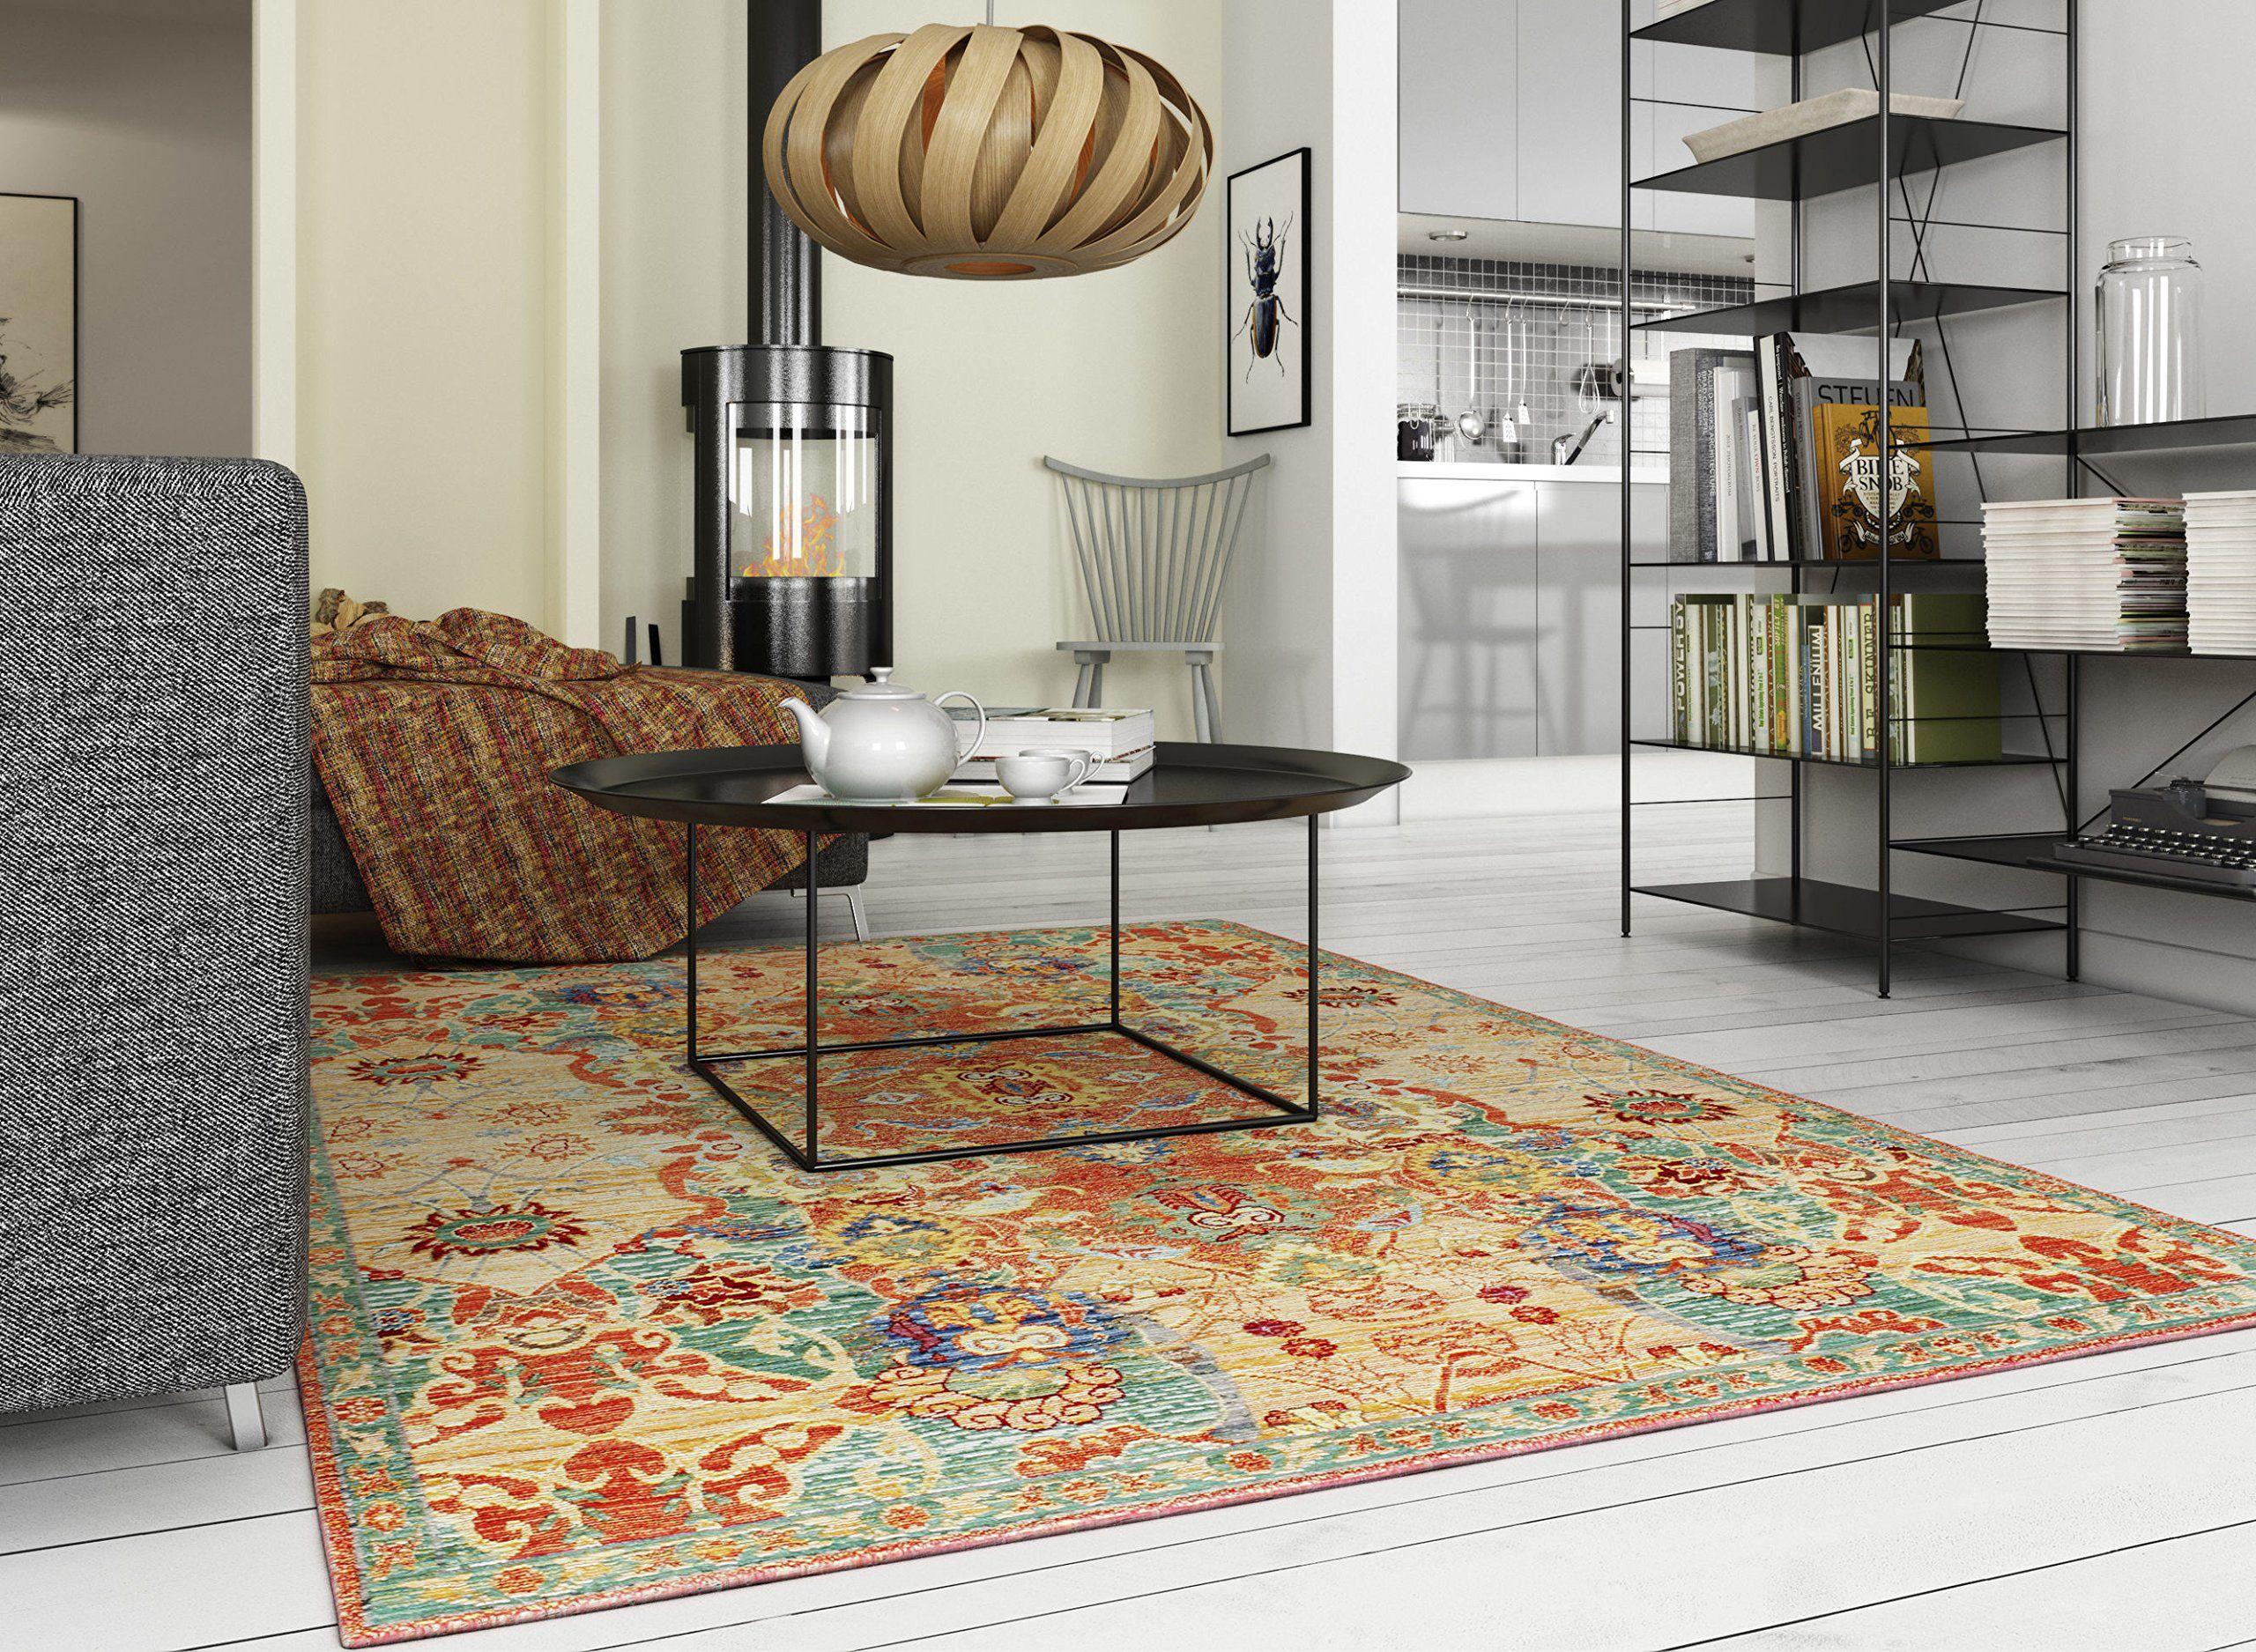 Thalia Rug 67x910 200x300 Cm Modern Carpet